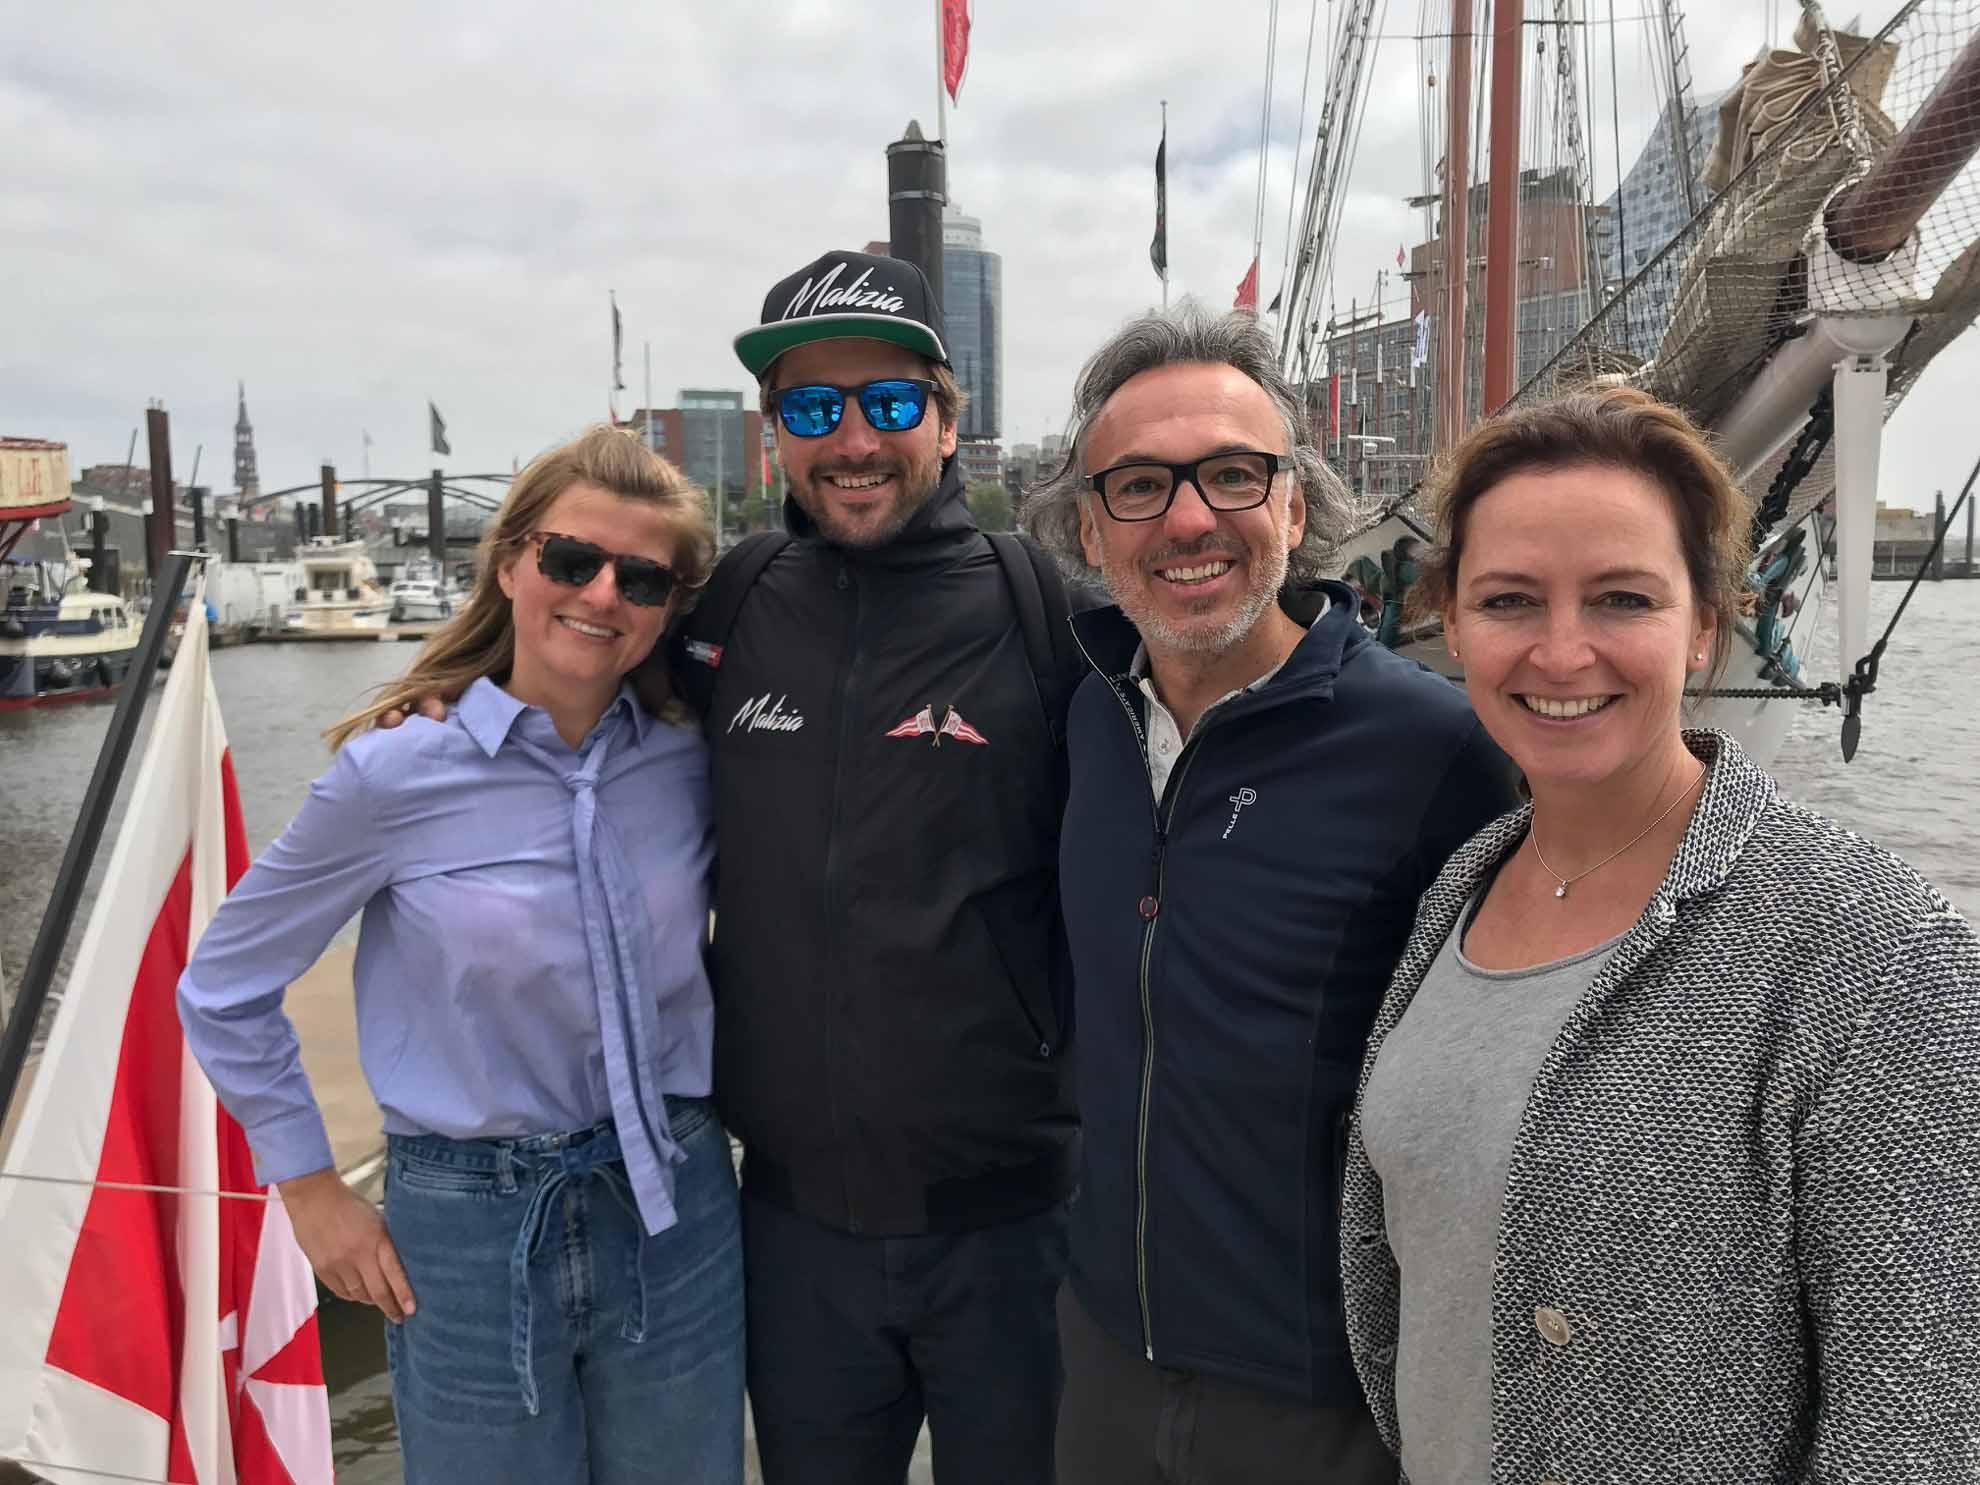 Wir bekommen Besuch, unter anderem von Malizia-Skipper Boris Herrmann und seiner Freundin.